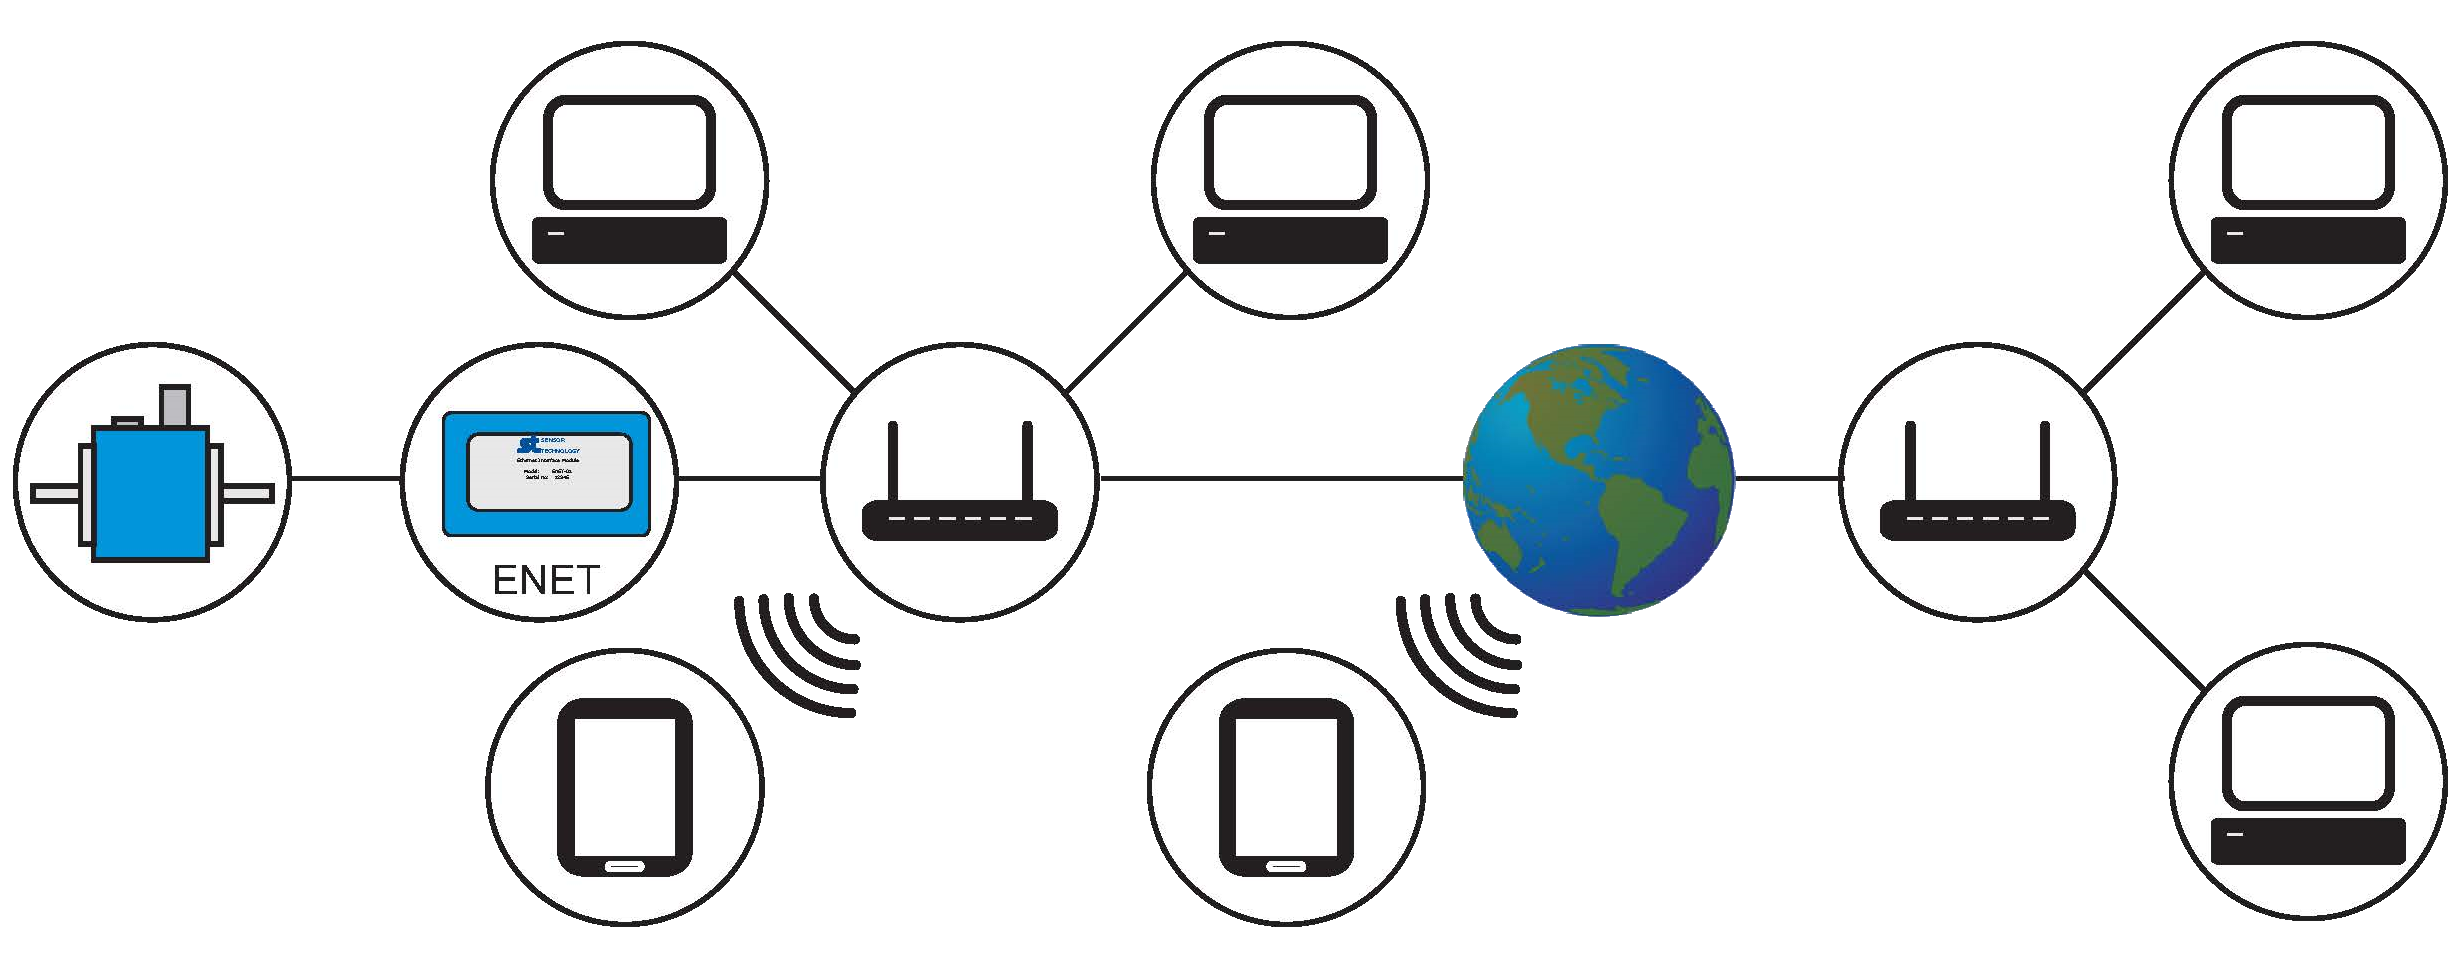 Ethernet schematic